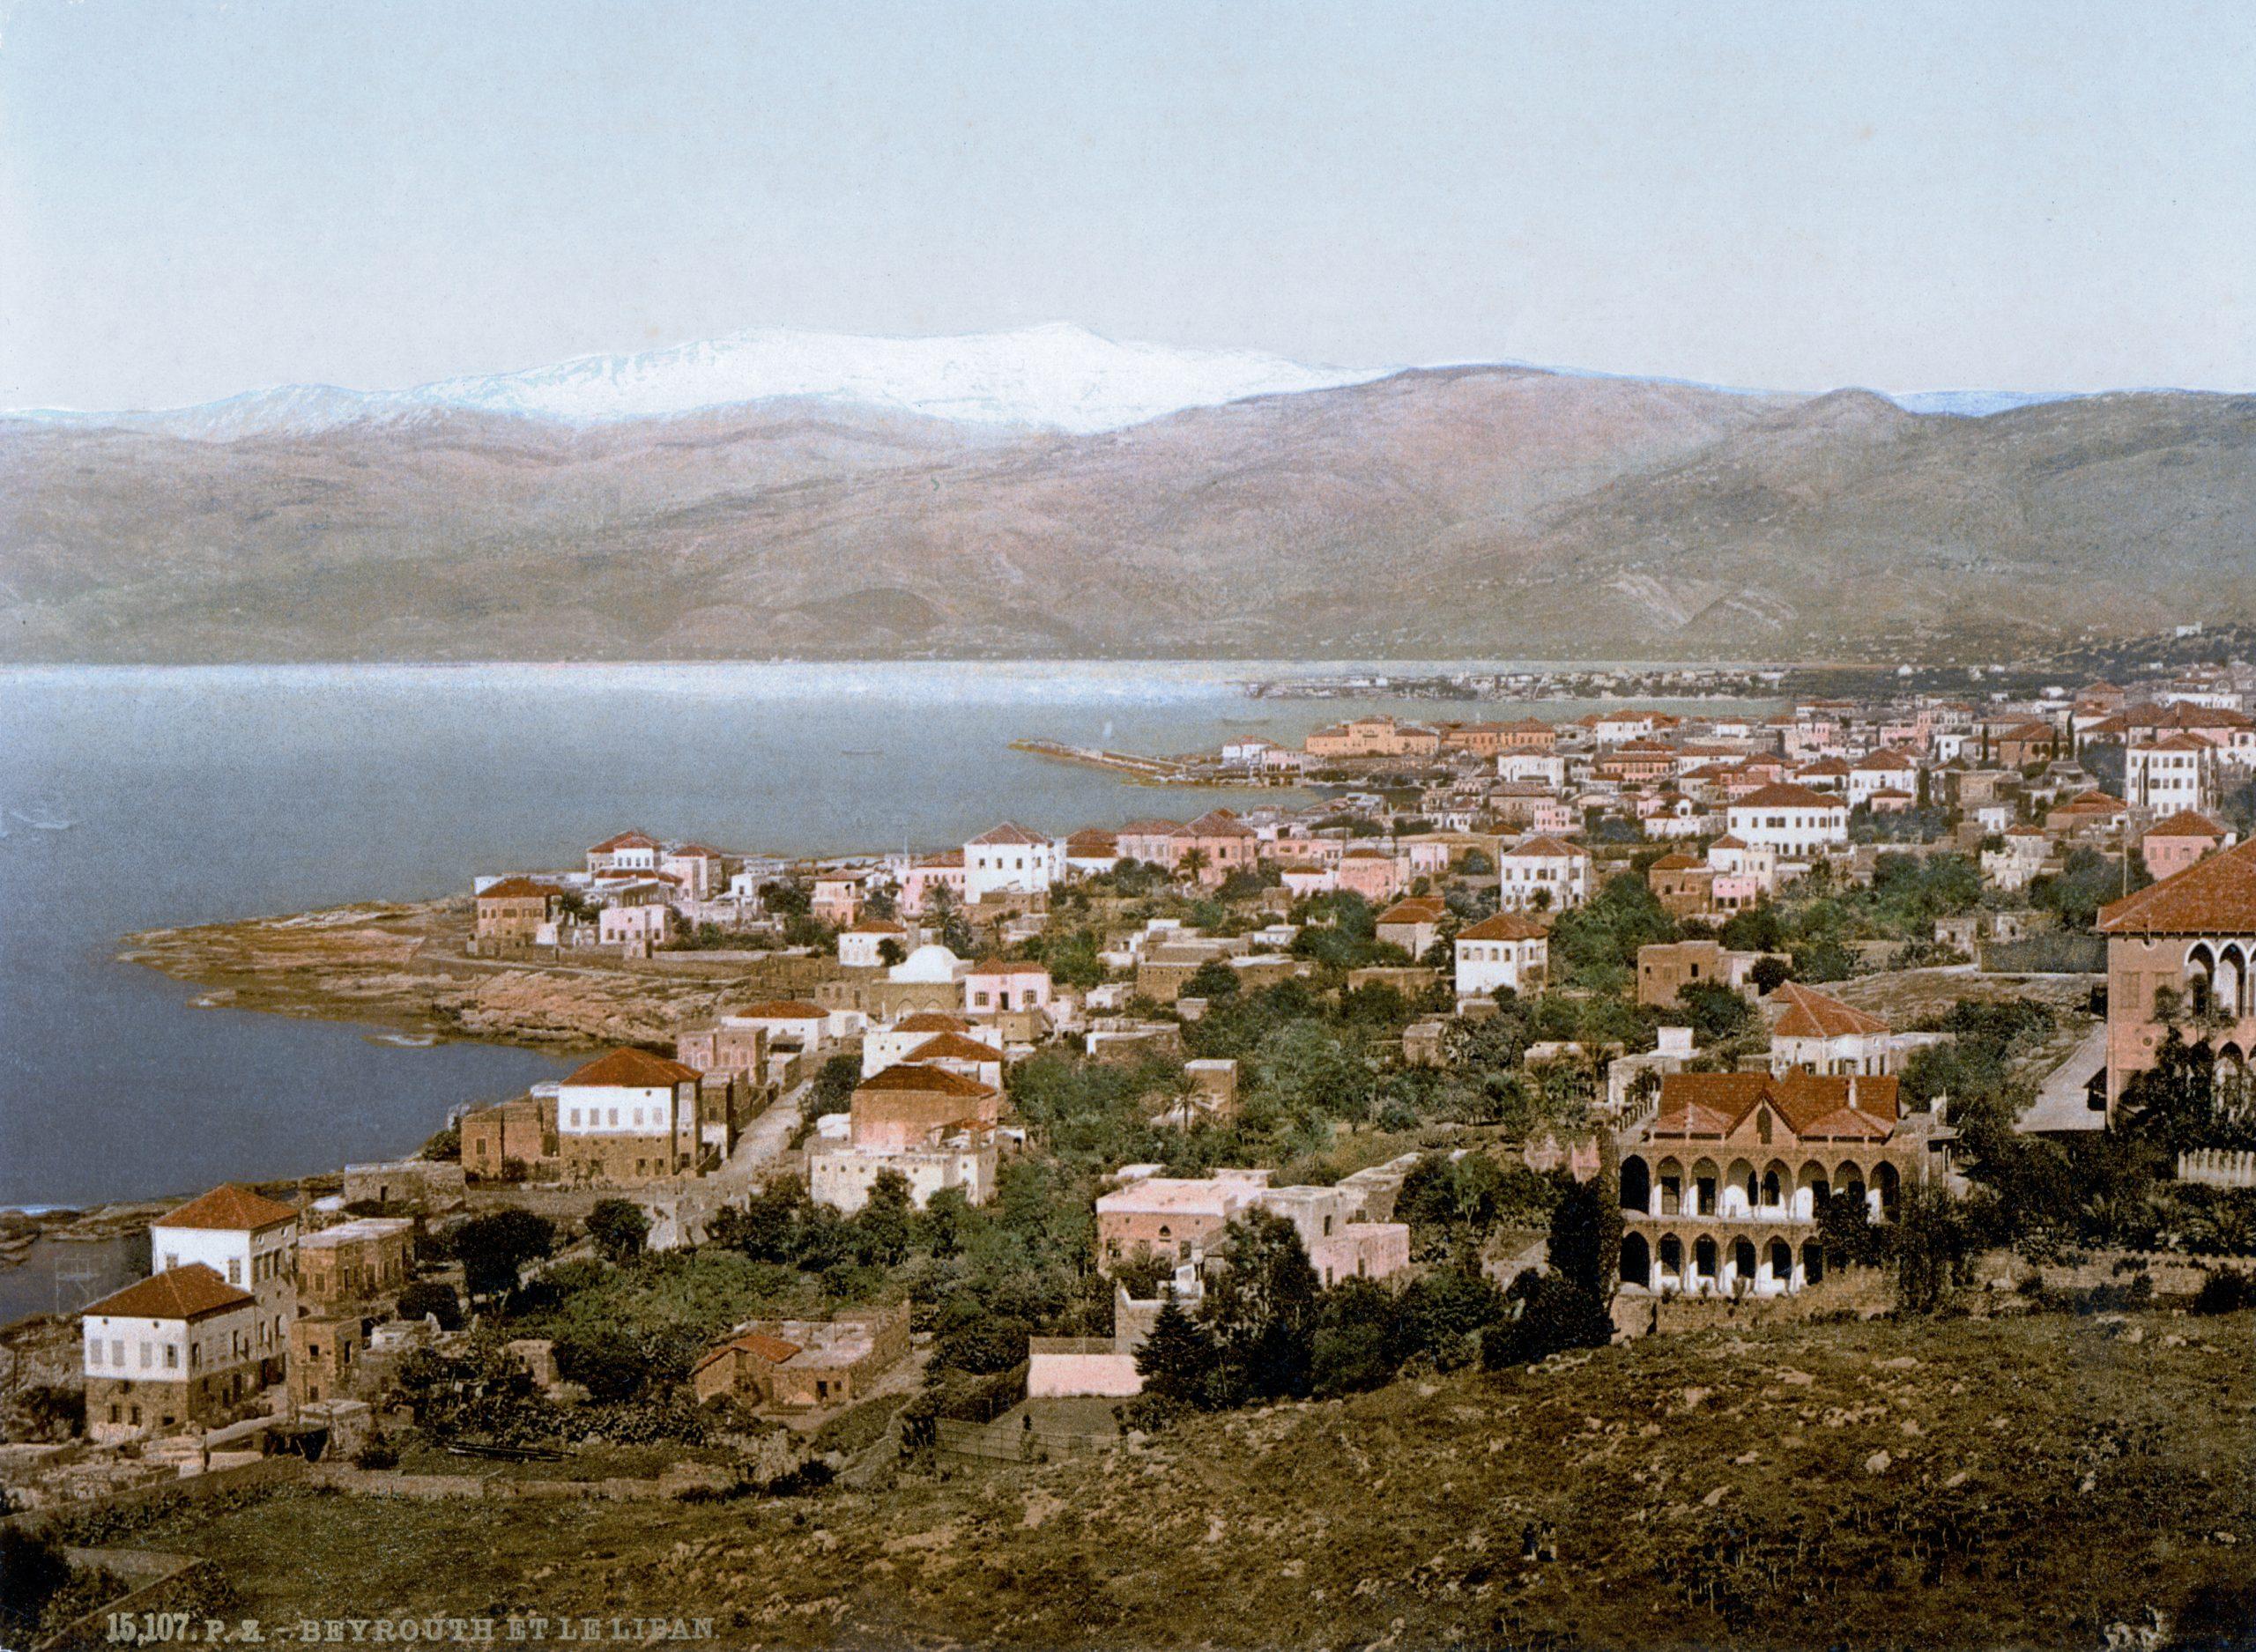 11 de agosto de 2006 Se aplica la resolución 1707 de la ONU sobre Israel y el Líbano.